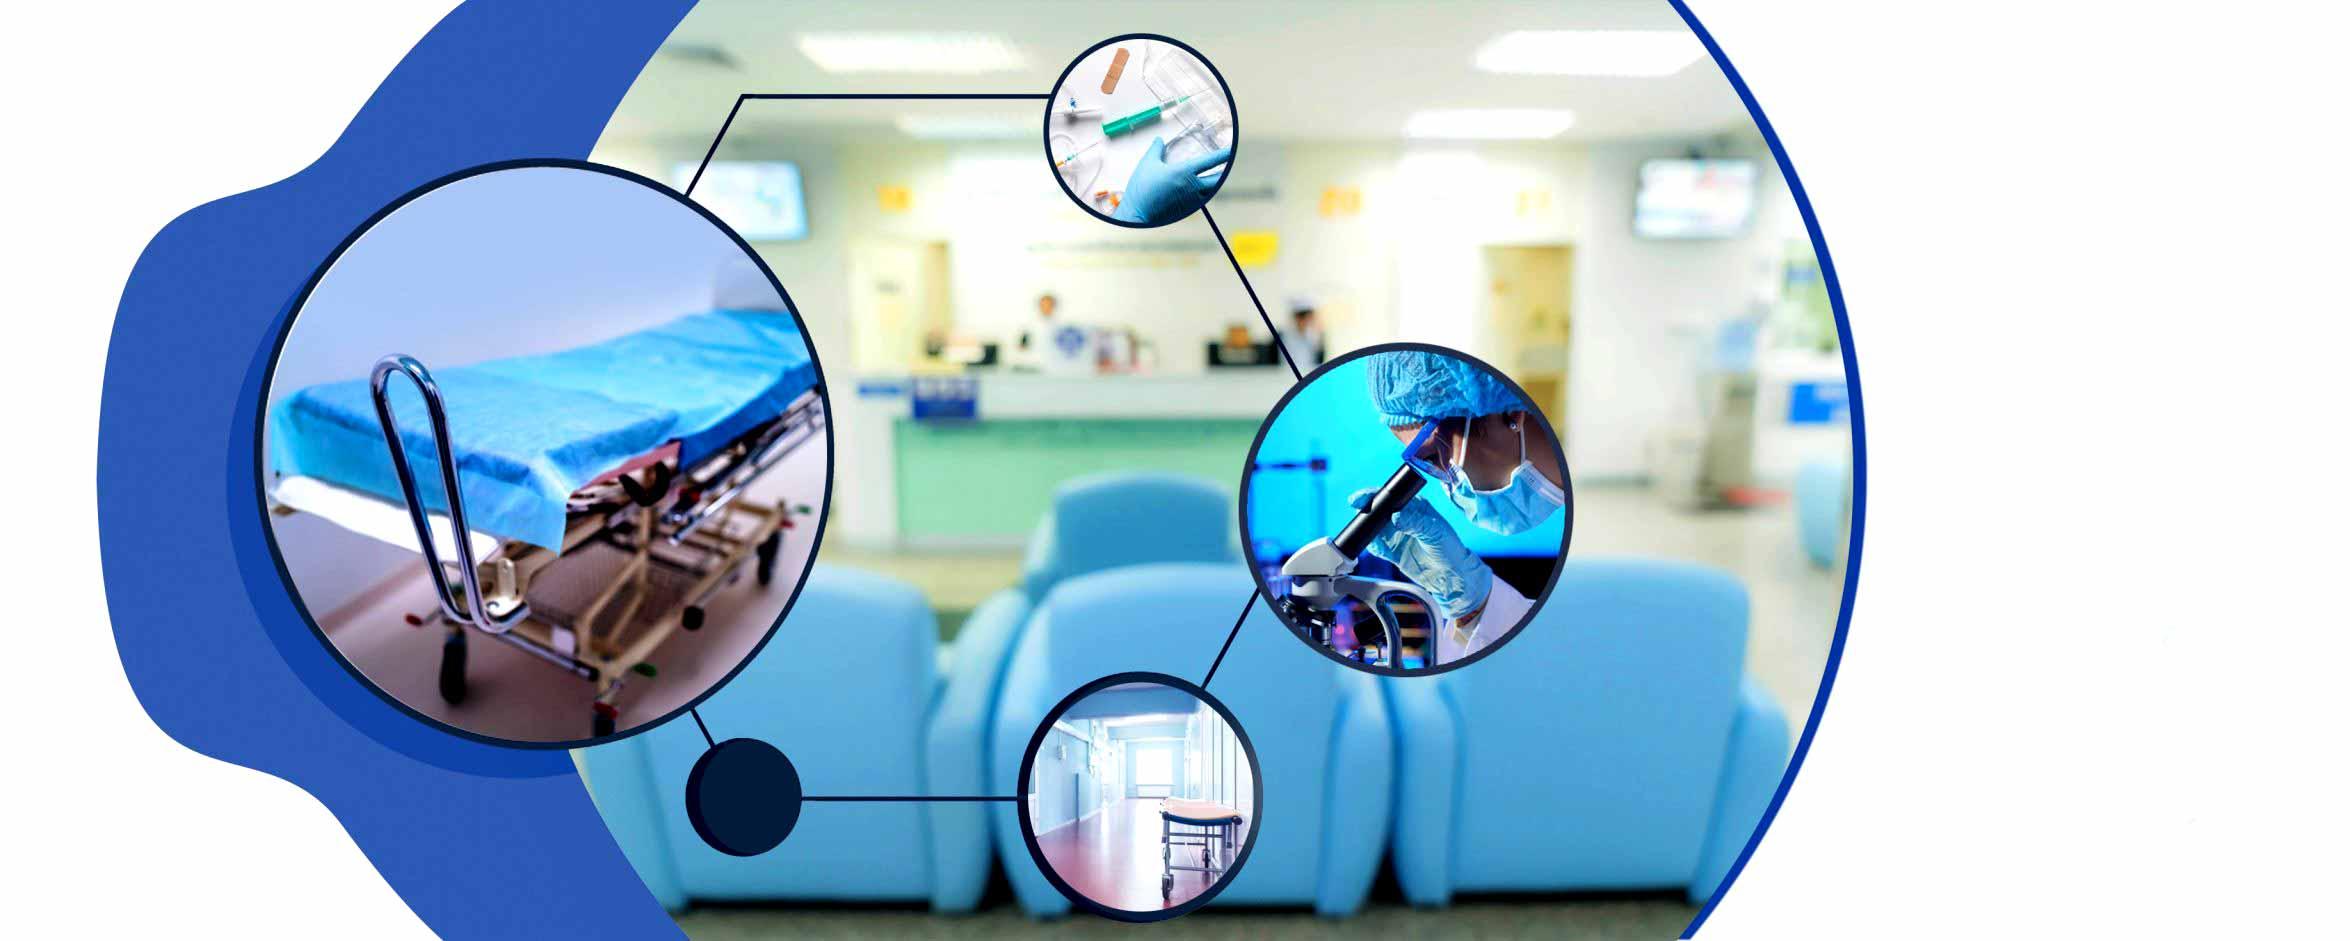 خدمات درمانی و آموزشی جهاد دانشگاهی علوم پزشکی تهران با تخفیف ویژه ارائه میشوند